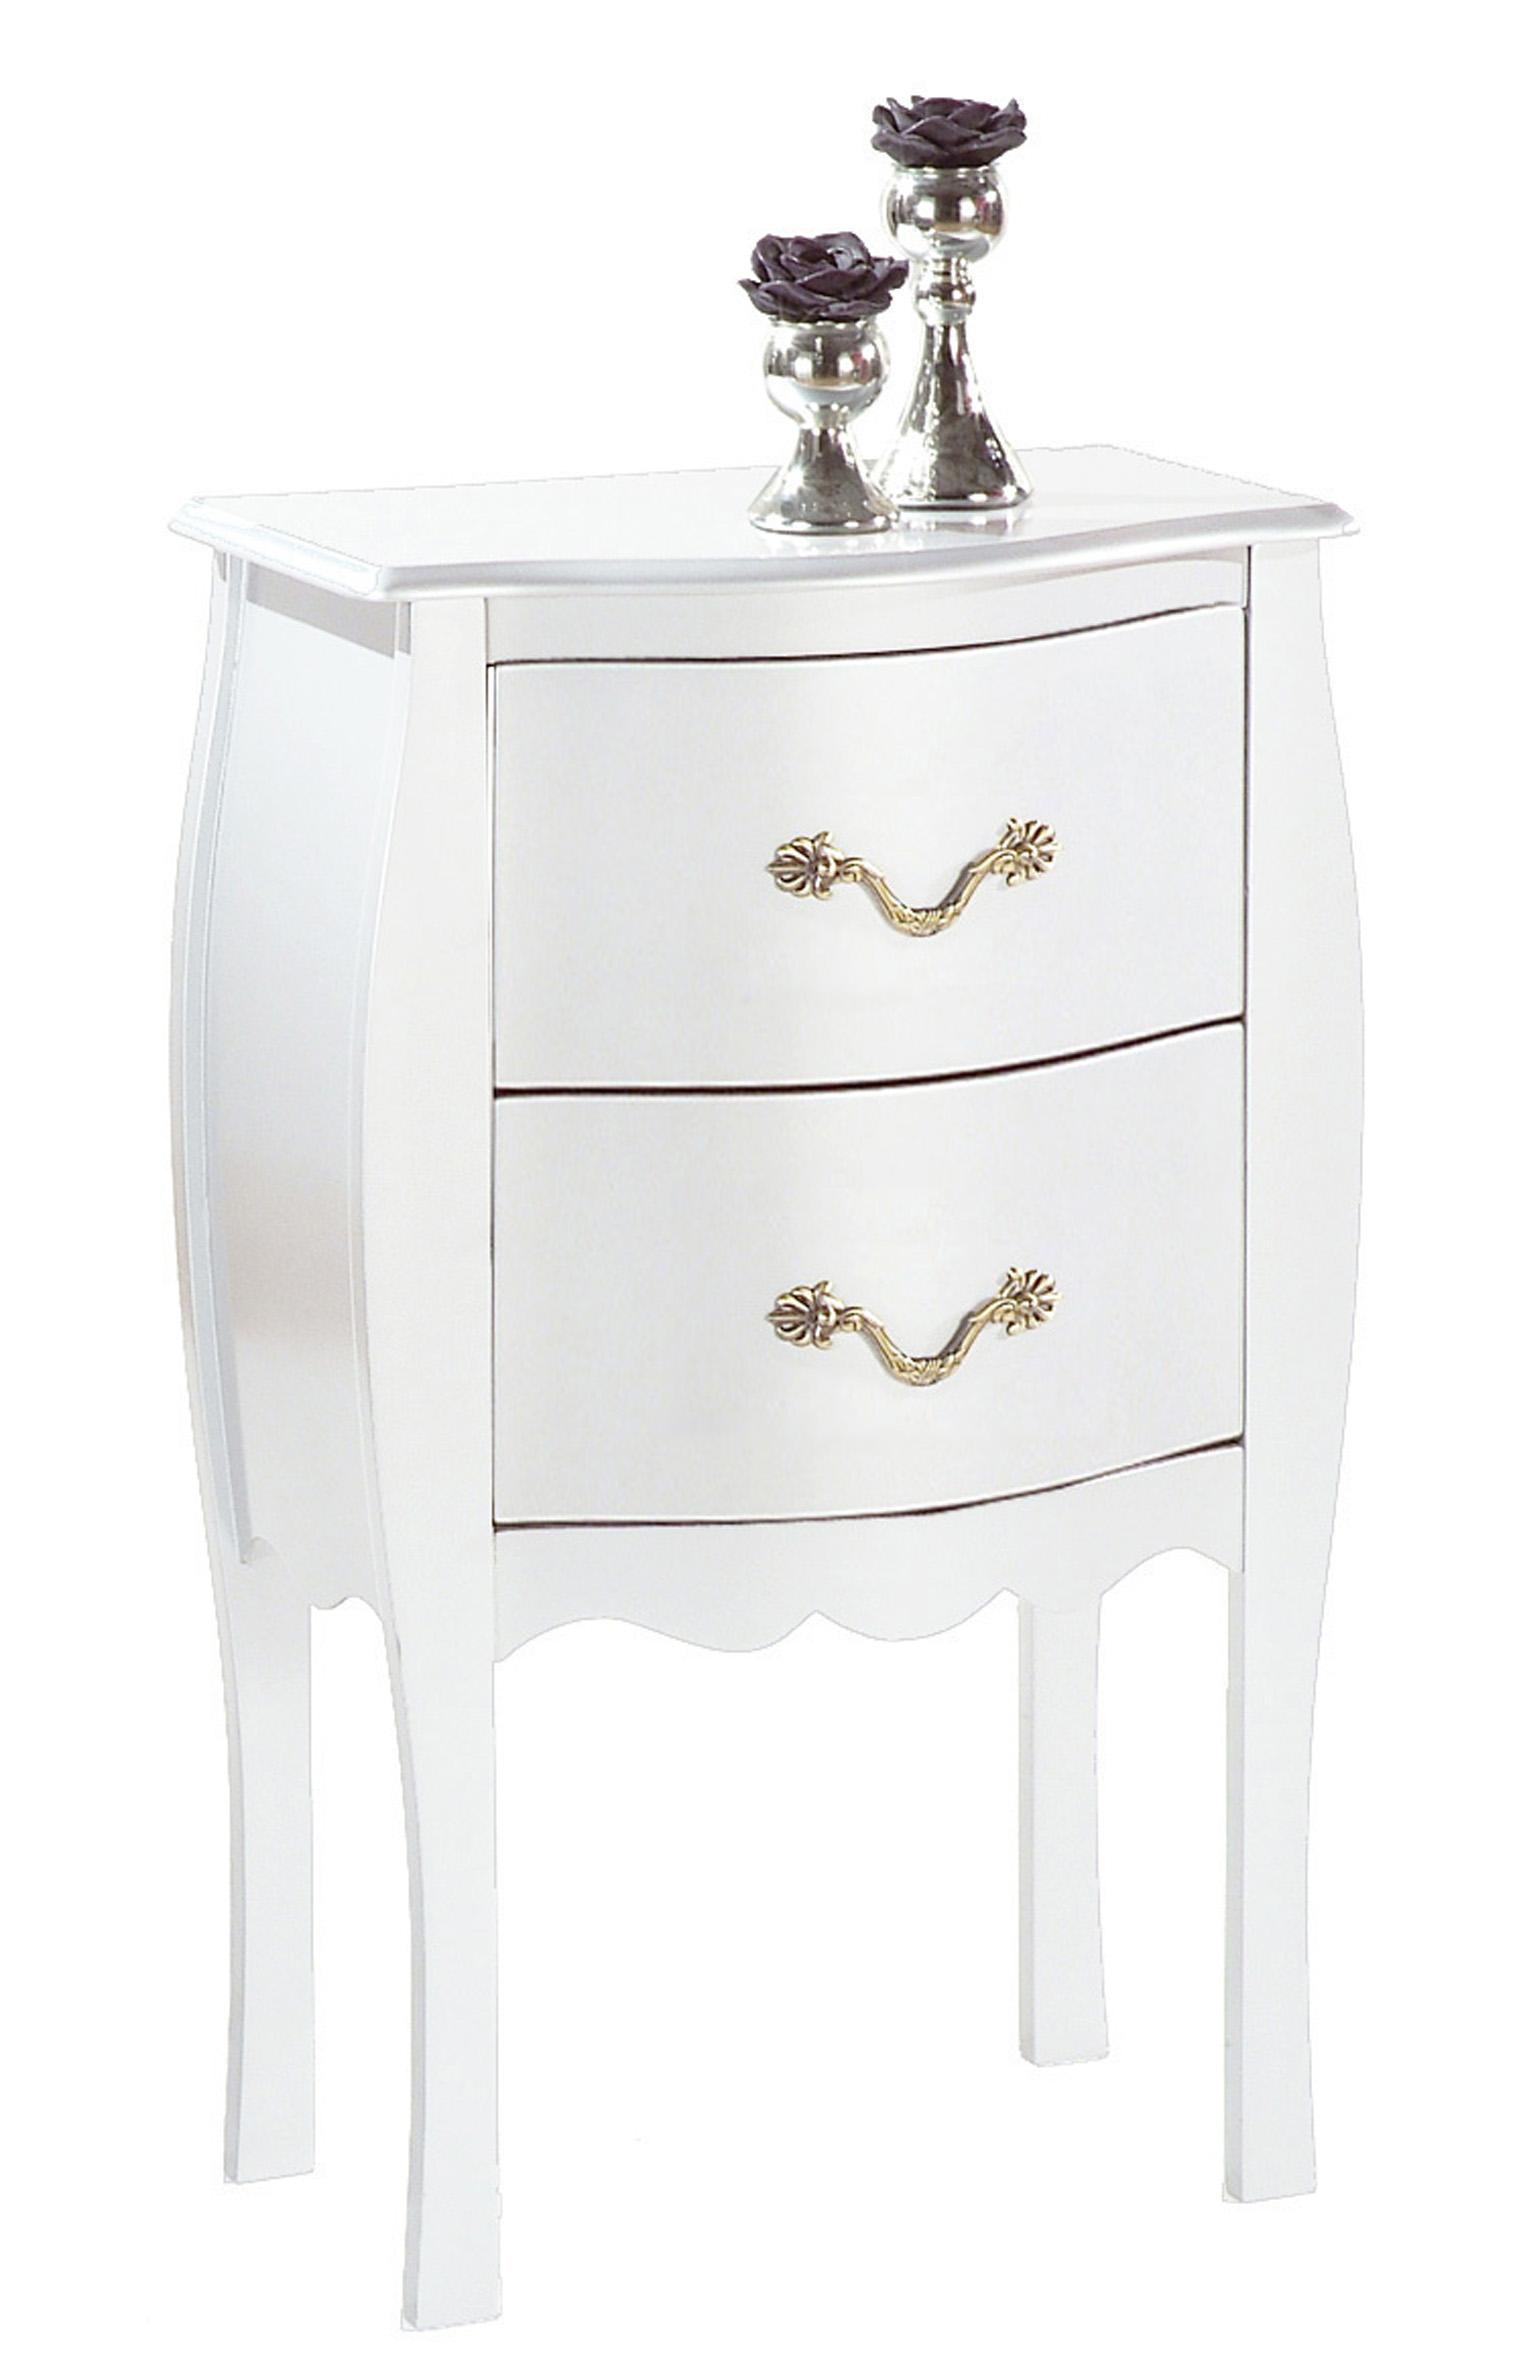 table de chevet baroque tous les objets de d coration. Black Bedroom Furniture Sets. Home Design Ideas